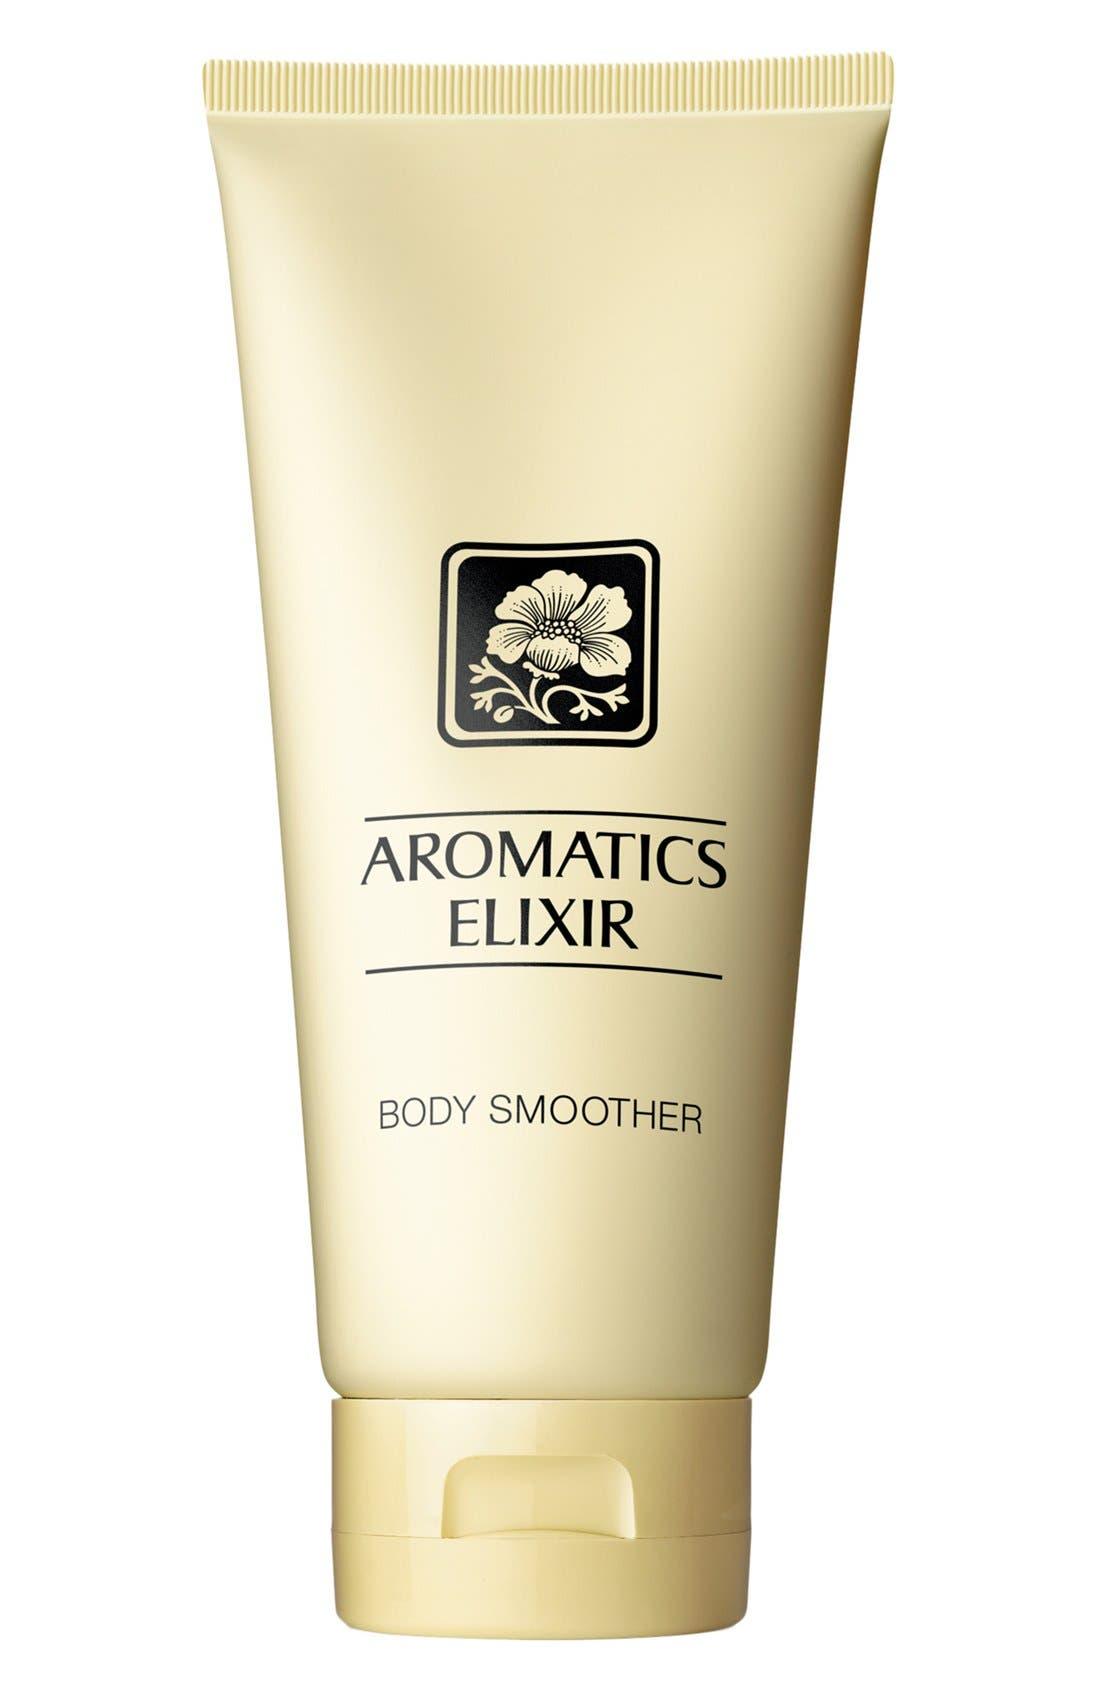 Aromatics Elixir Body Smoother,                             Main thumbnail 1, color,                             NO COLOR